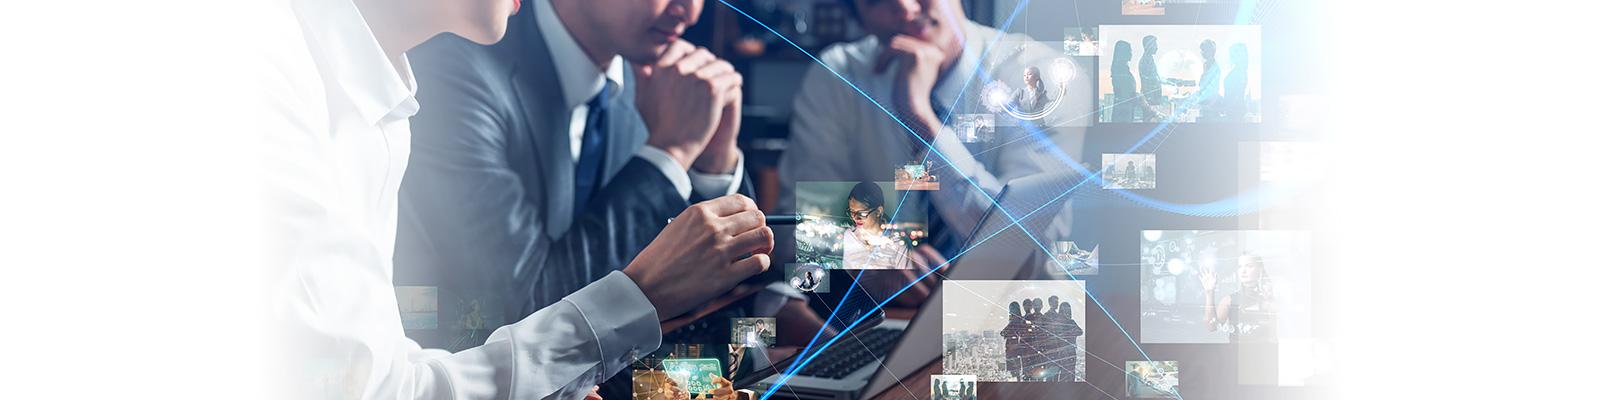 IT ネットワーク ディスカッション イメージ